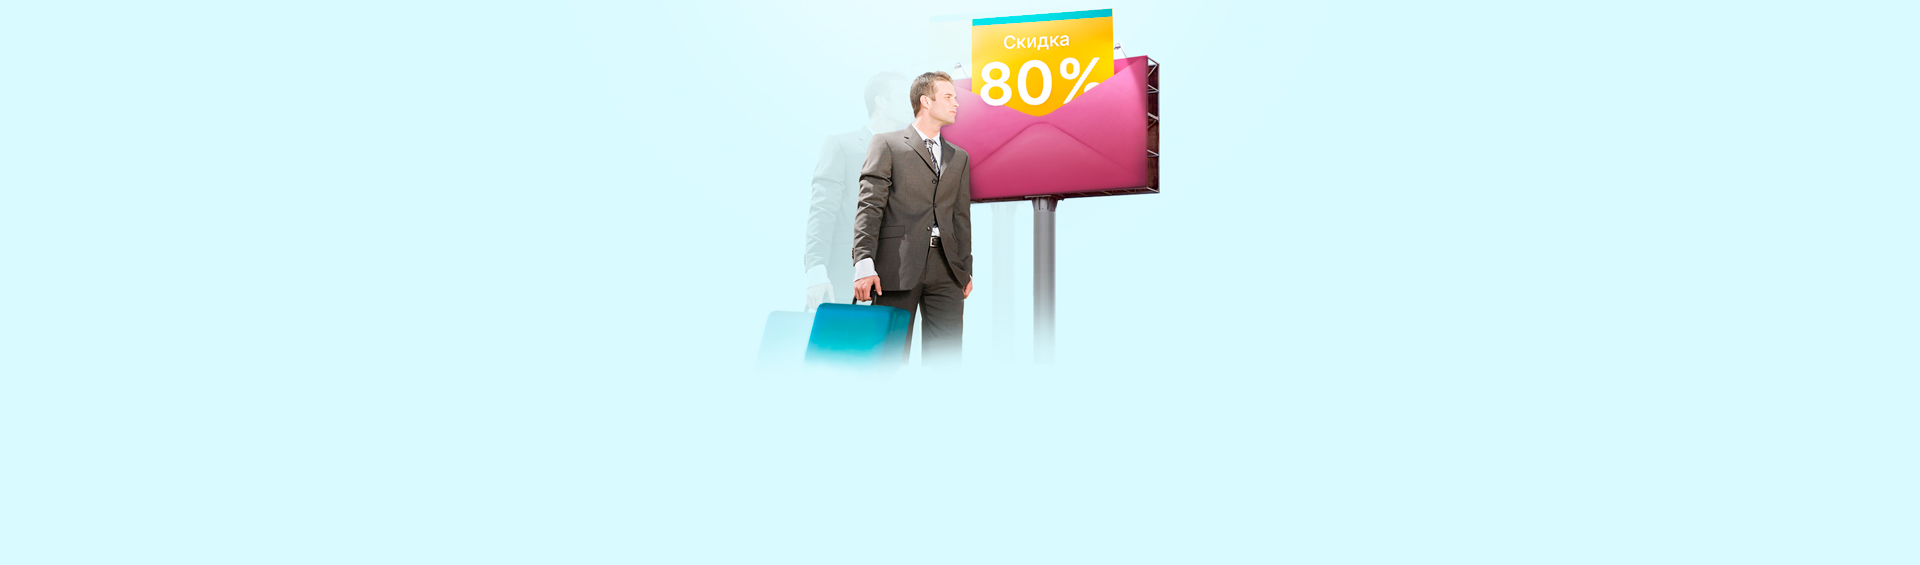 Отток клиентов: причины, тактики илучшие каналы длявозврата